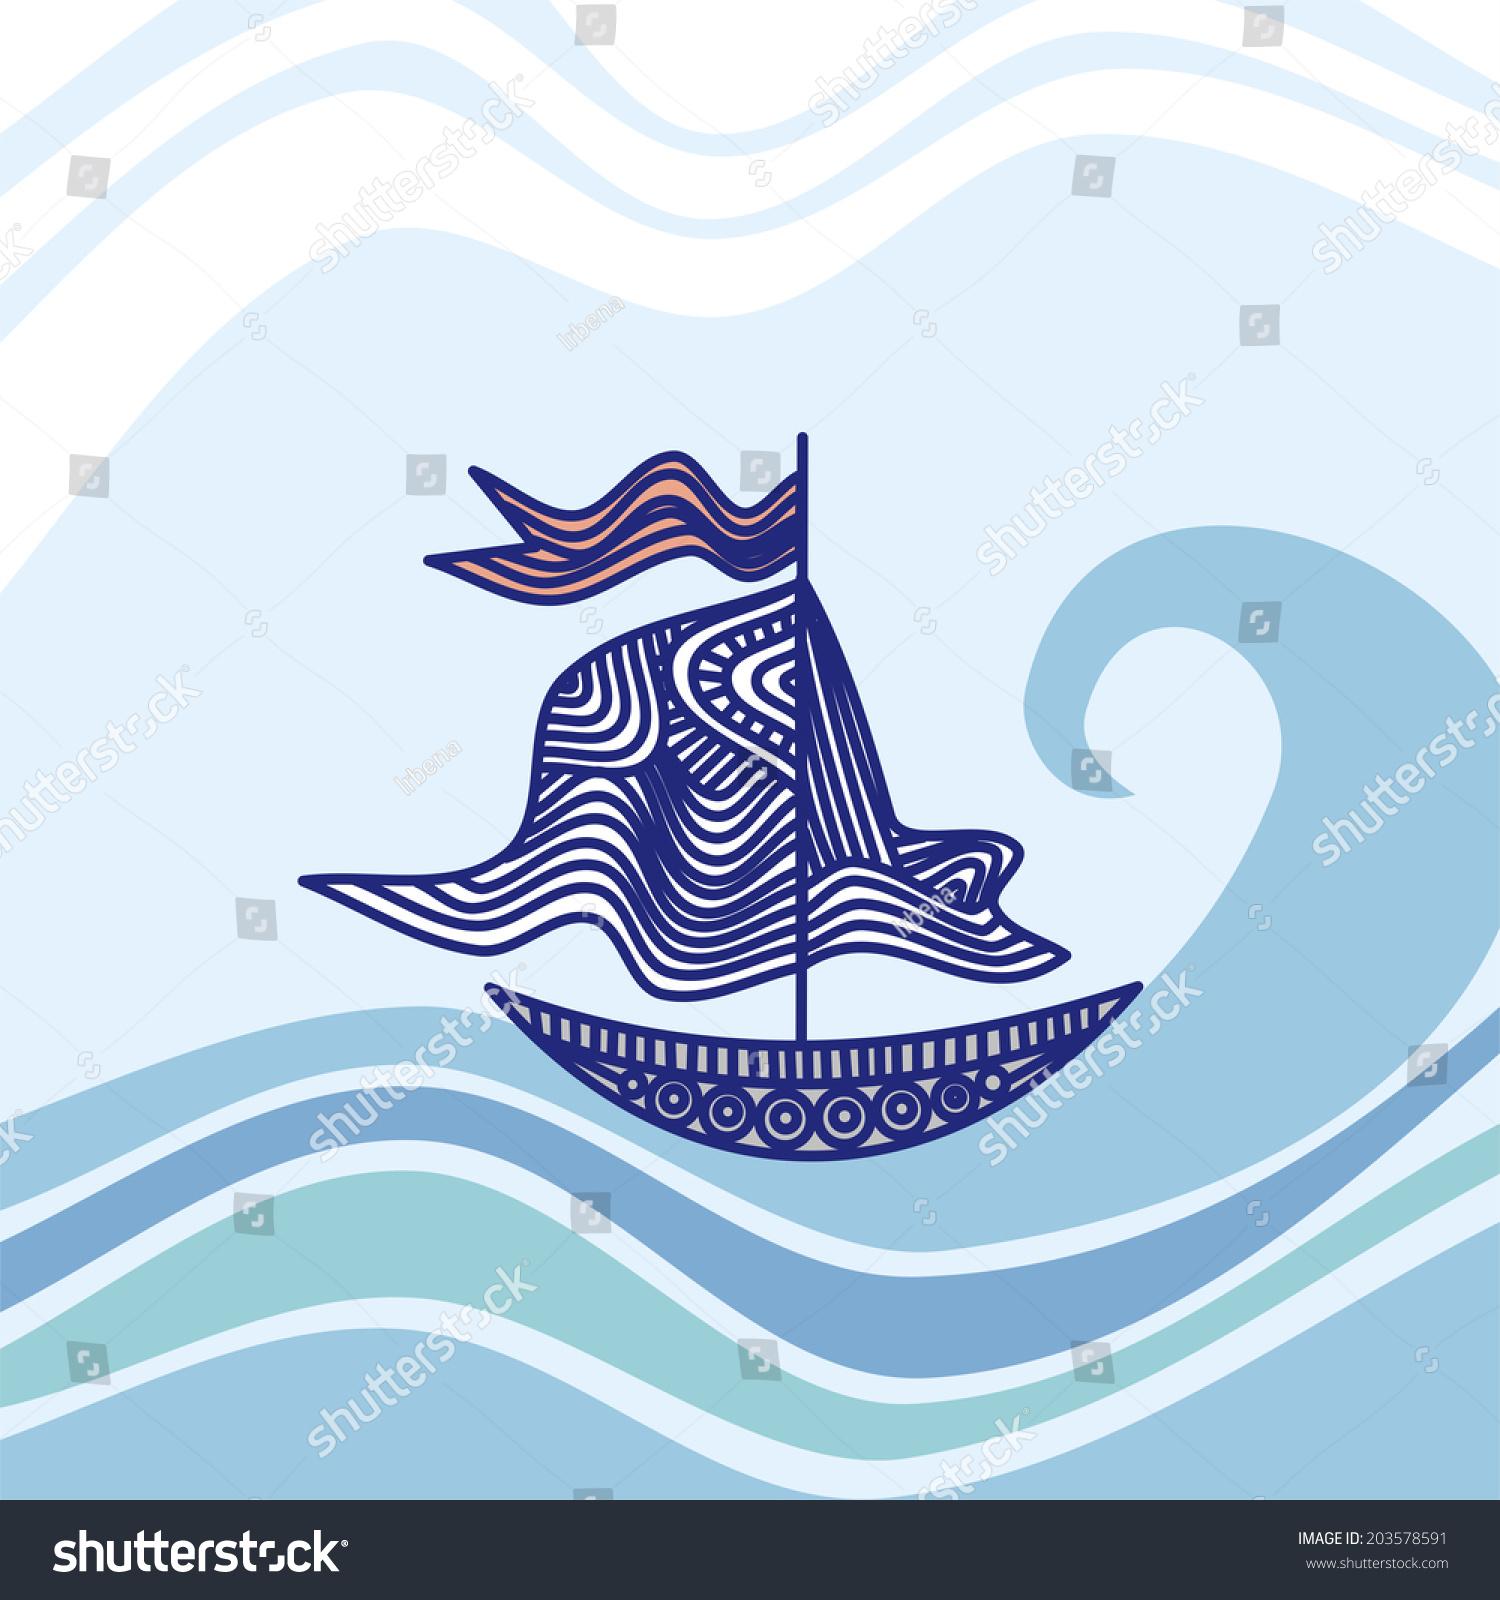 保护海洋招贴设计